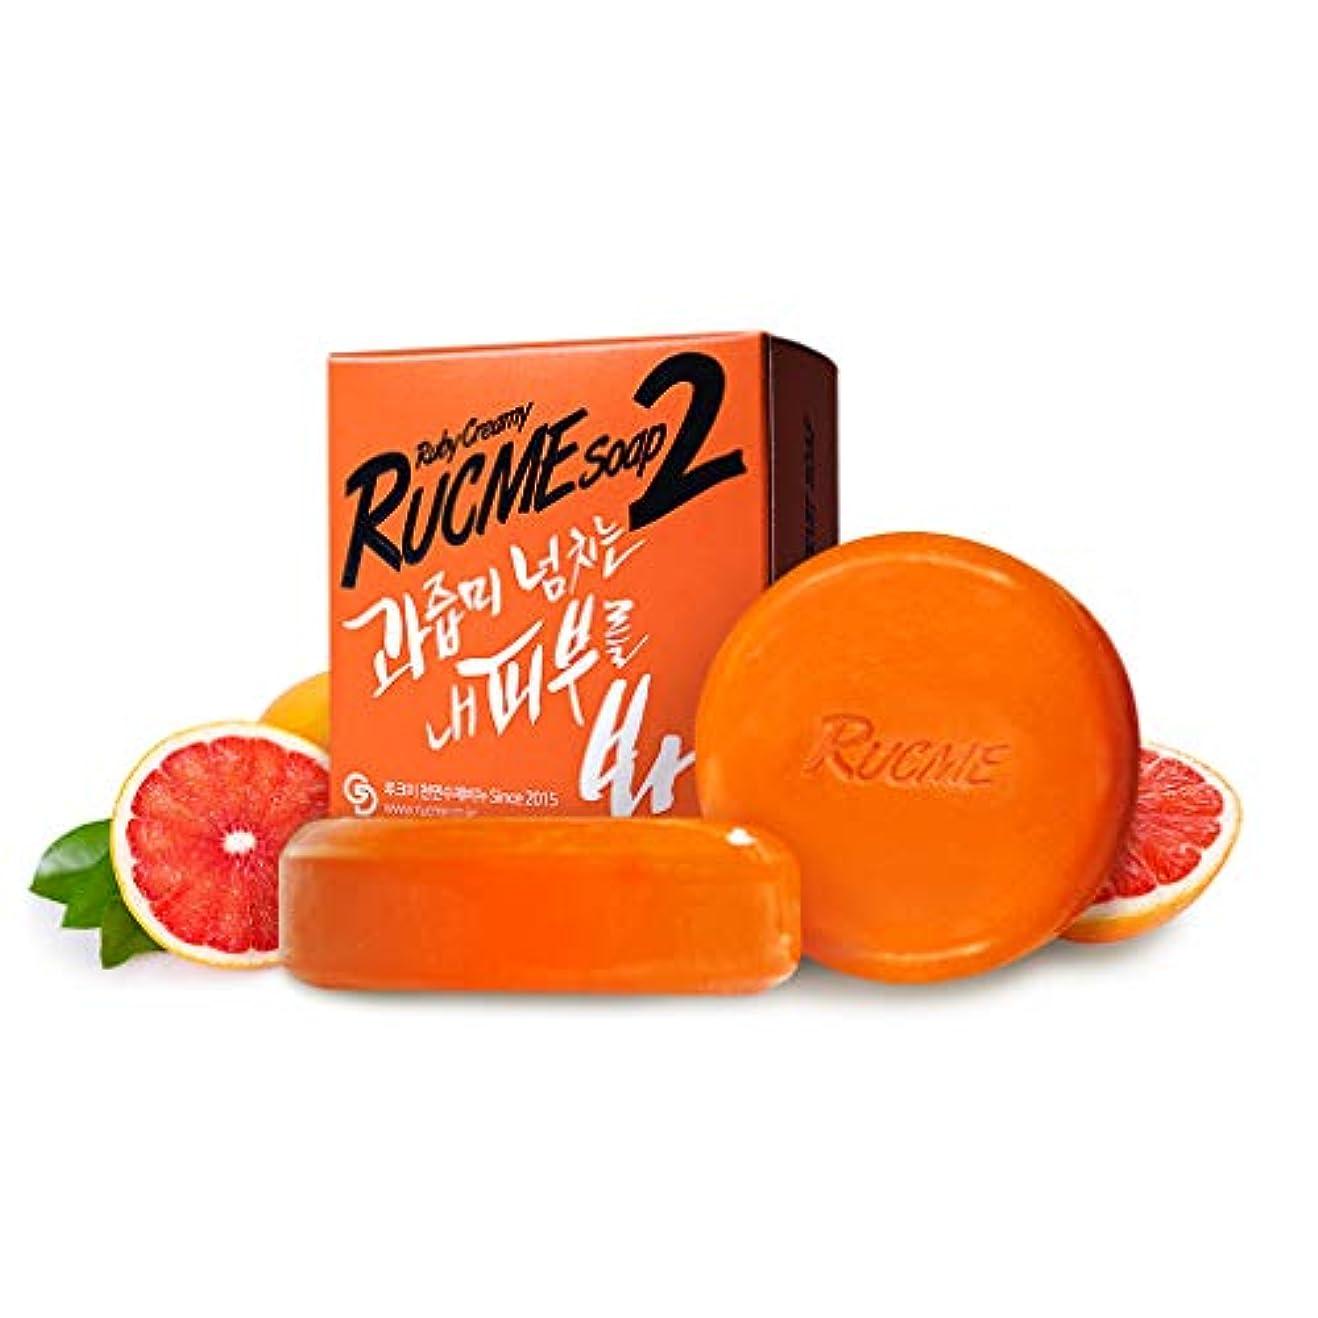 時代言及する処理する[RUCME] グレープフルーツ&パプリカ 洗顔石鹸/ルビークリーミーソープ 2